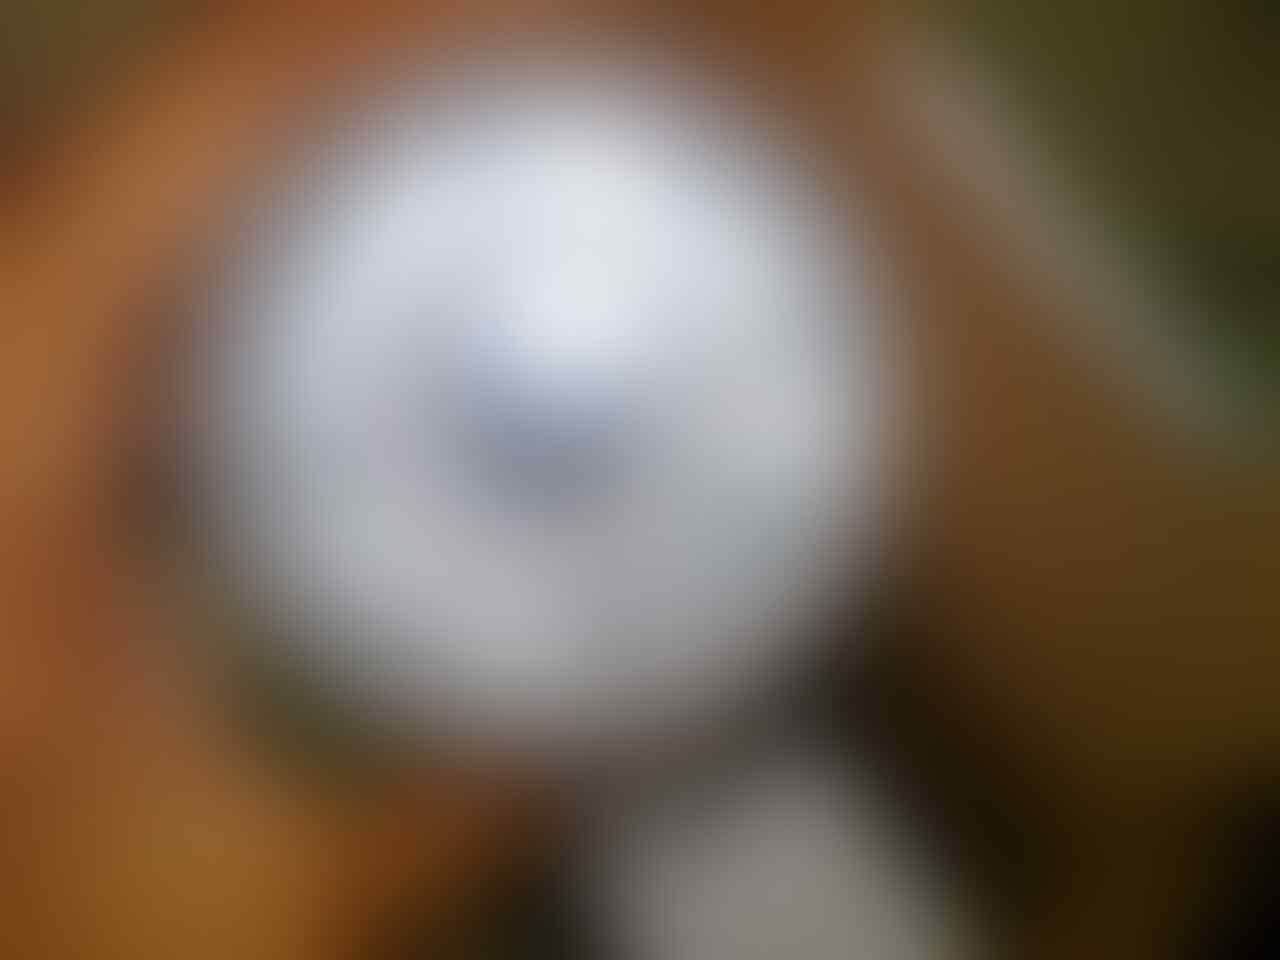 CUCI GUDANG CCTV INDOOR DAN OUTDOOR